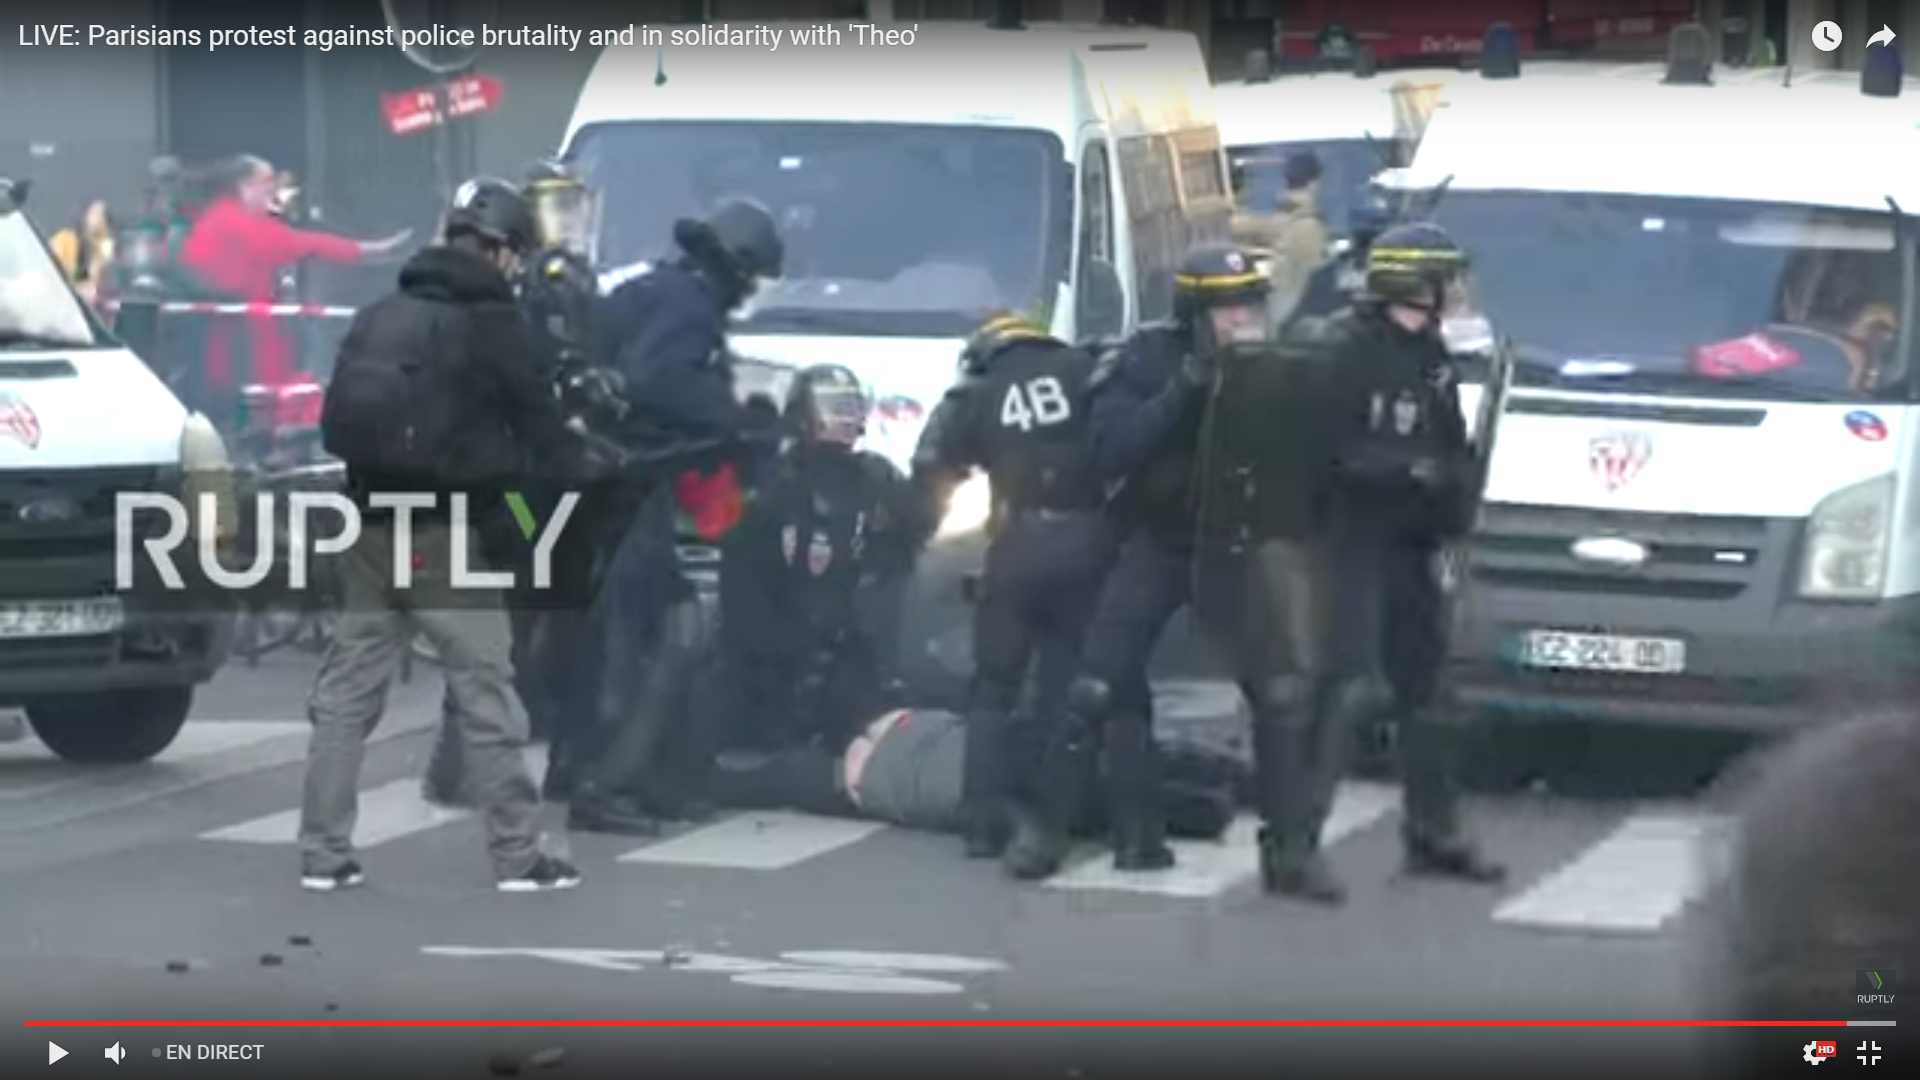 Heurts avec les CRS : la manifestation contre les «dérives policières» à Paris dégénère (IMAGES)